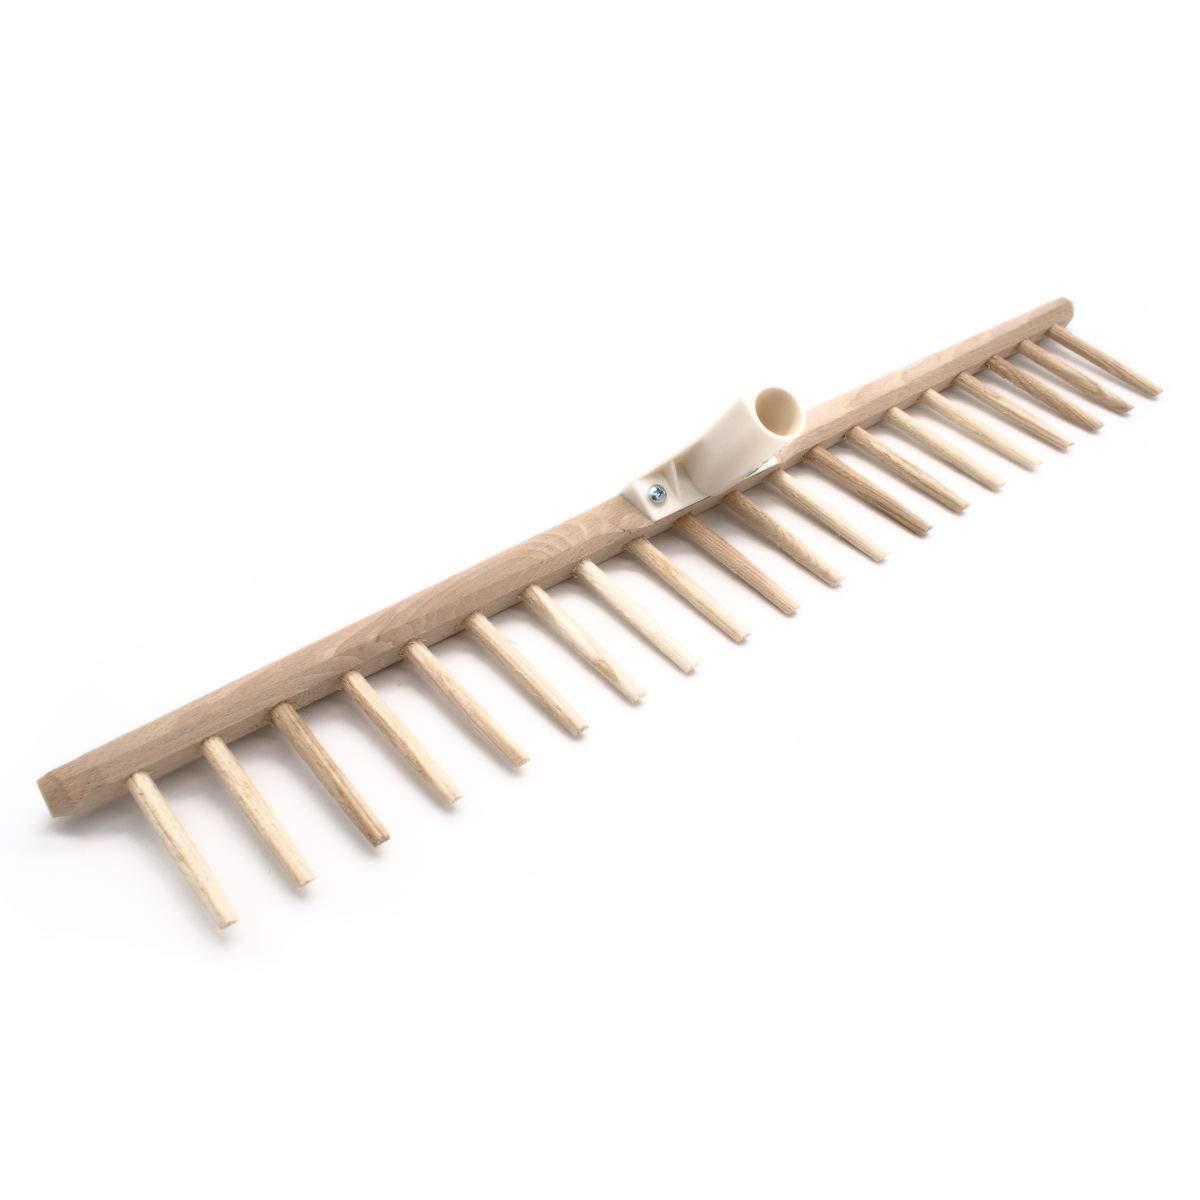 kompatibel mit 2,7 cm Stiel 4betterdays Heurechenhaupt mit Holzzinken Verschiedene Gr/ö/ßen erh/ältlich Made in Austria 67 cm Rechenhaupt mit 20 Zinken